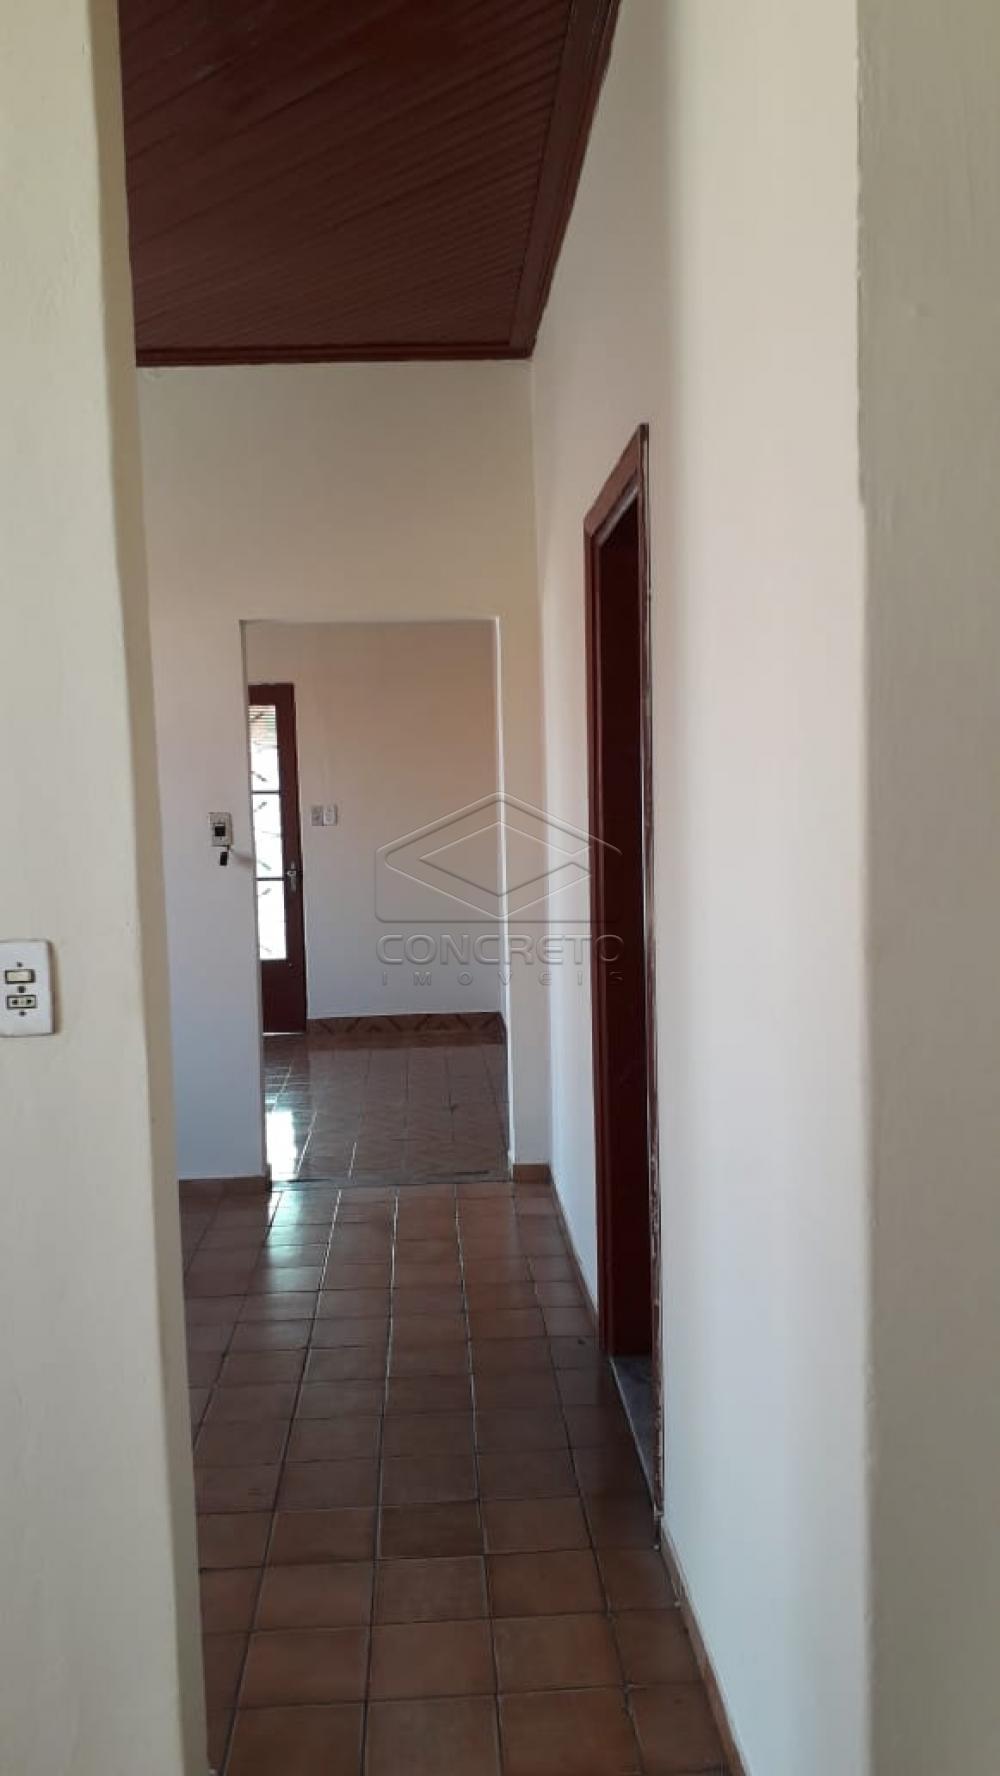 Comprar Casa / Padrão em Agudos R$ 210.000,00 - Foto 12